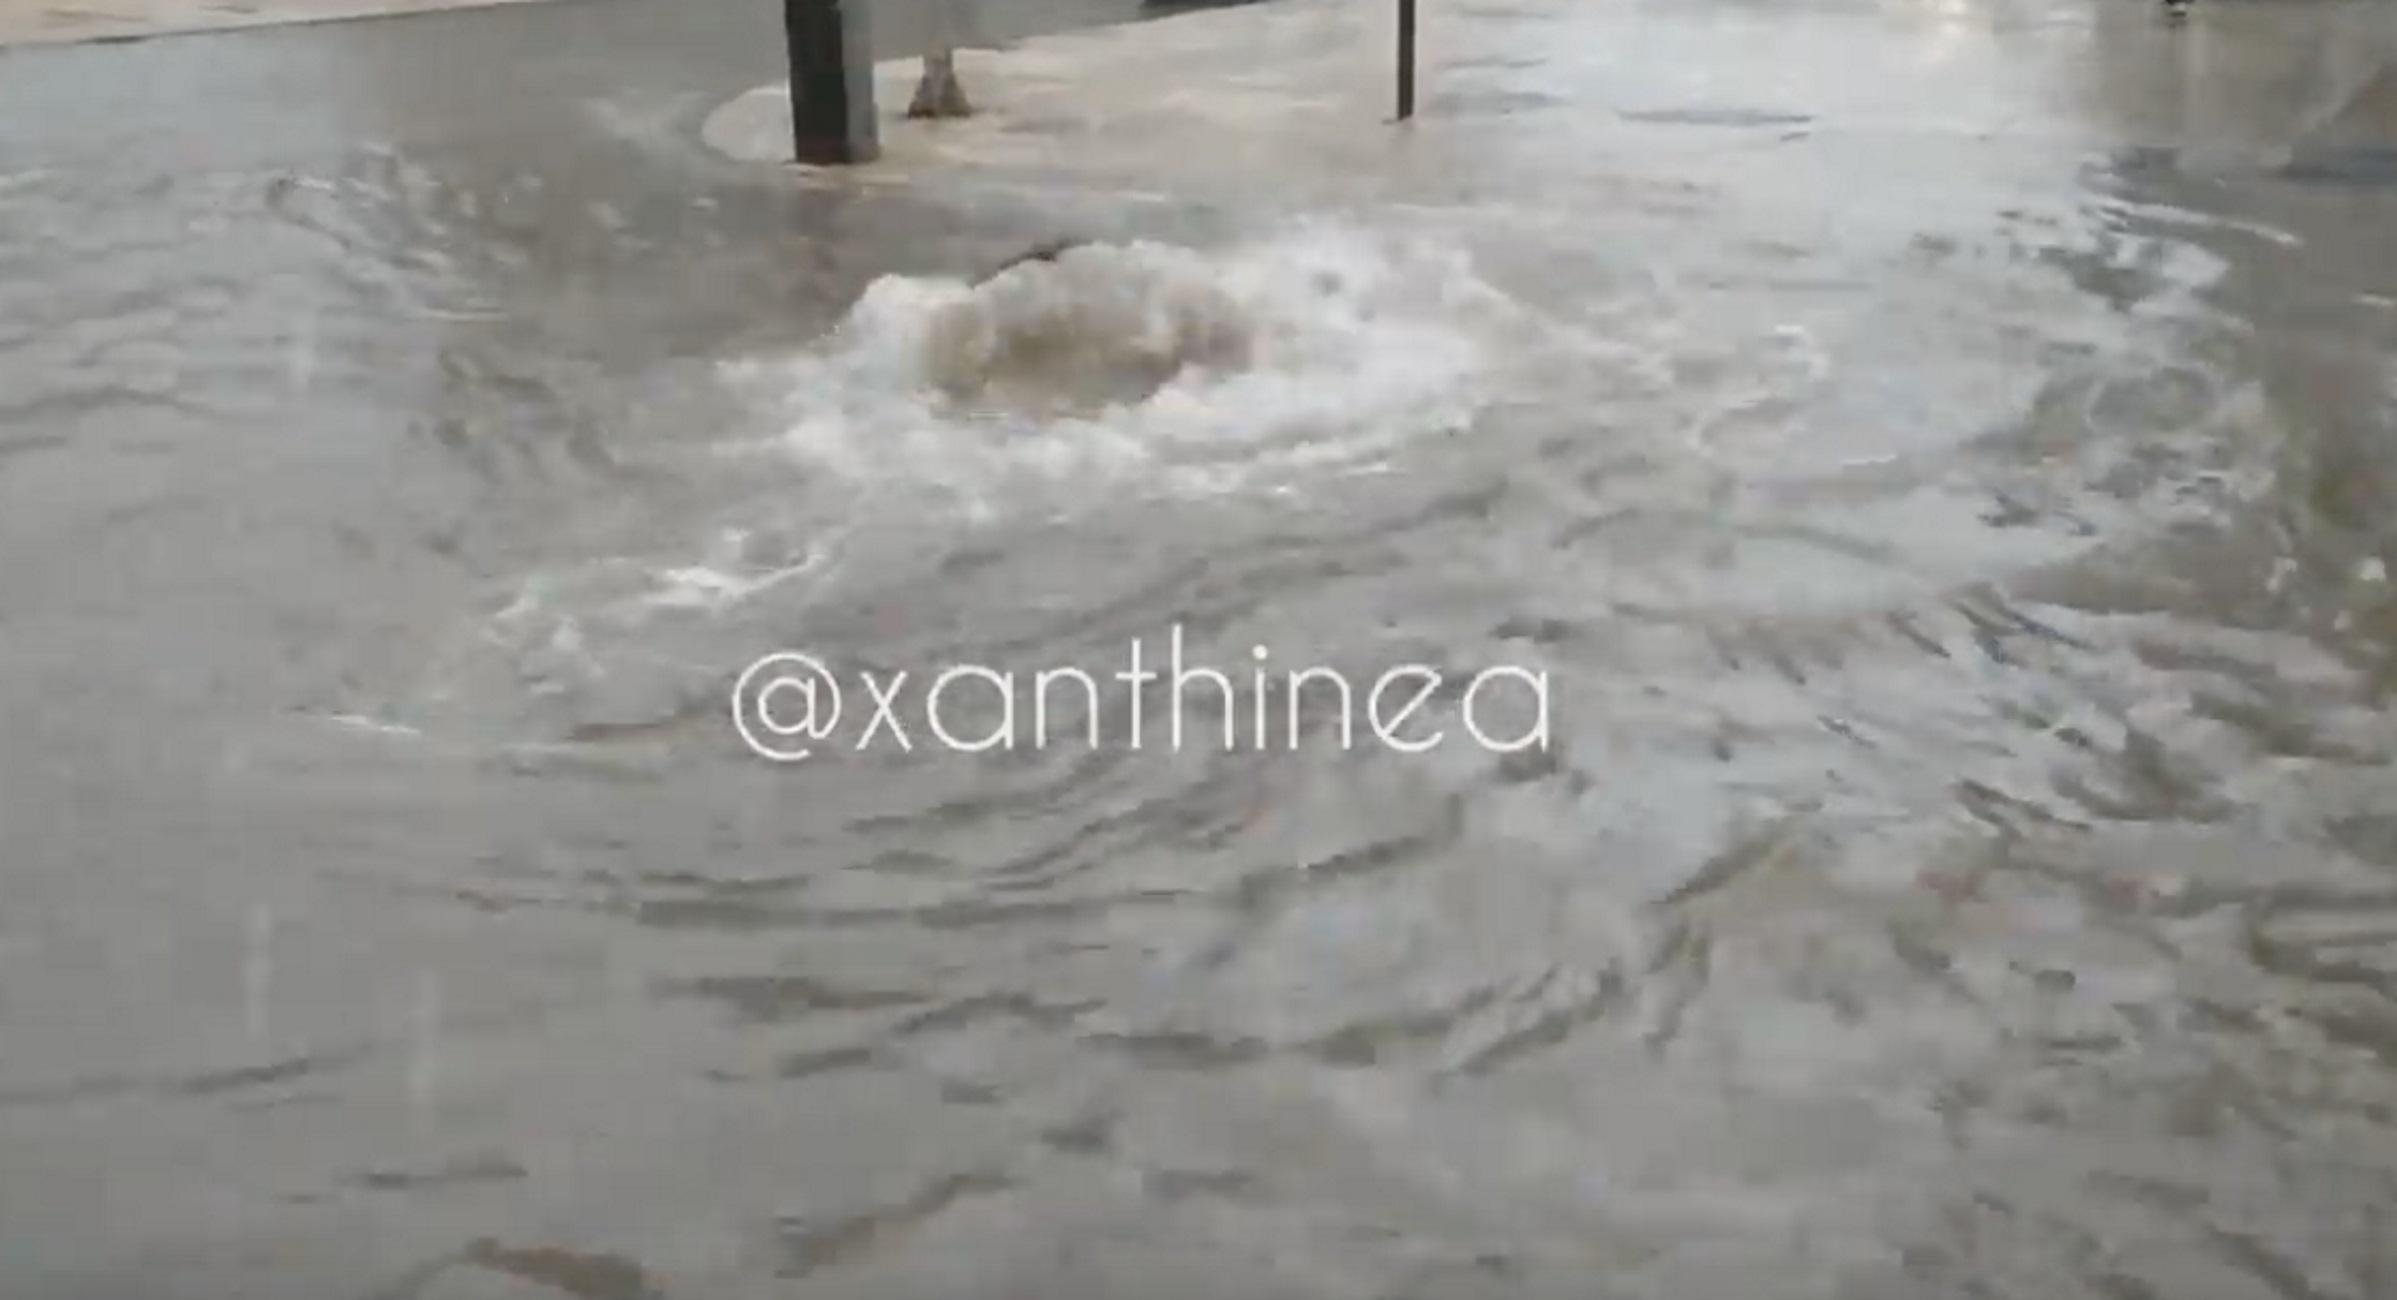 """Ξάνθη: """"Βούλιαξε"""" η πόλη μετά από λίγα λεπτά βροχής! Η πηγή των προβλημάτων μέσα σε ένα βίντεο"""